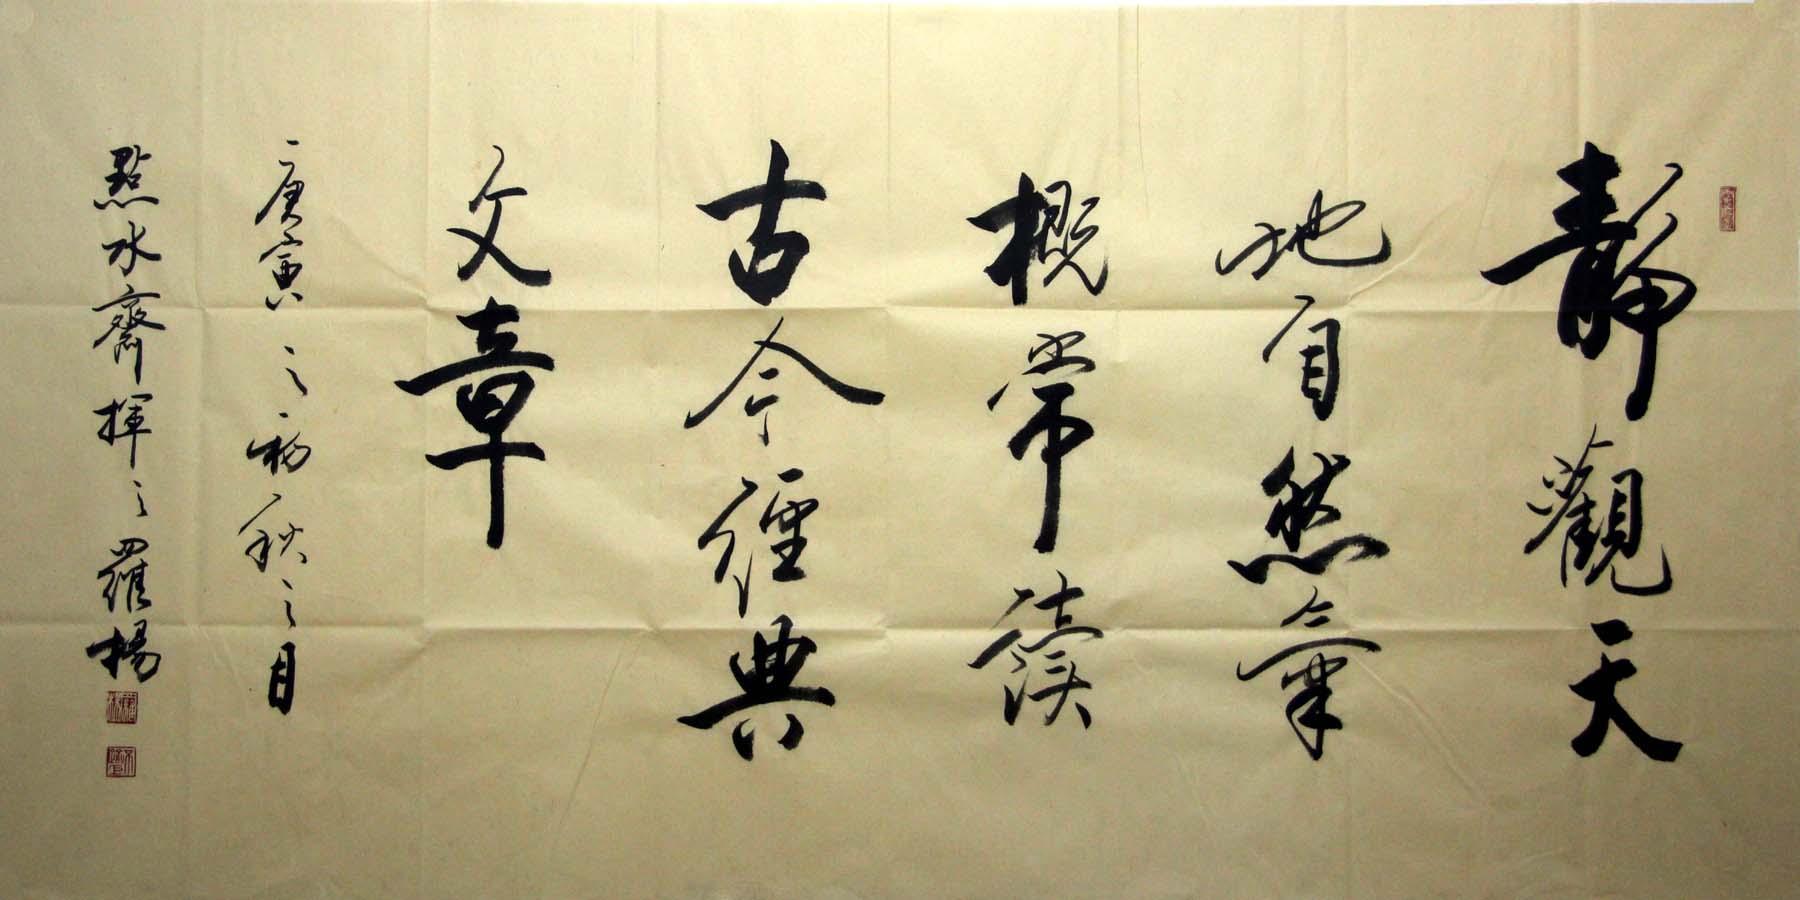 罗扬ly 书法的说明: 书画质地: 纸本软片 字画